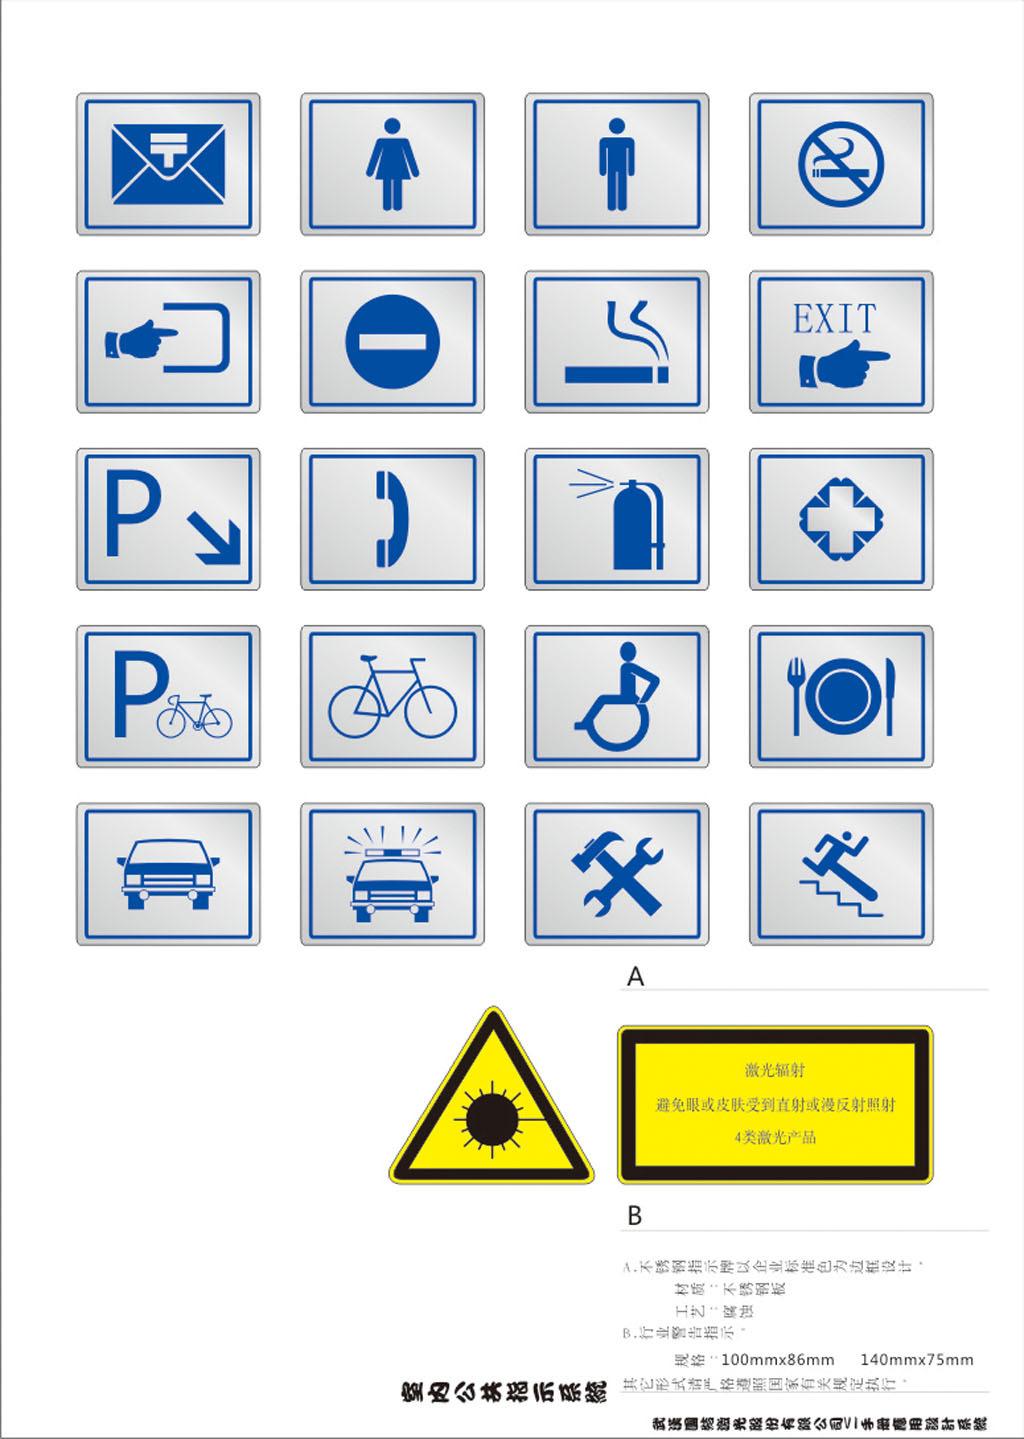 室内设计图纸常用标识及含义